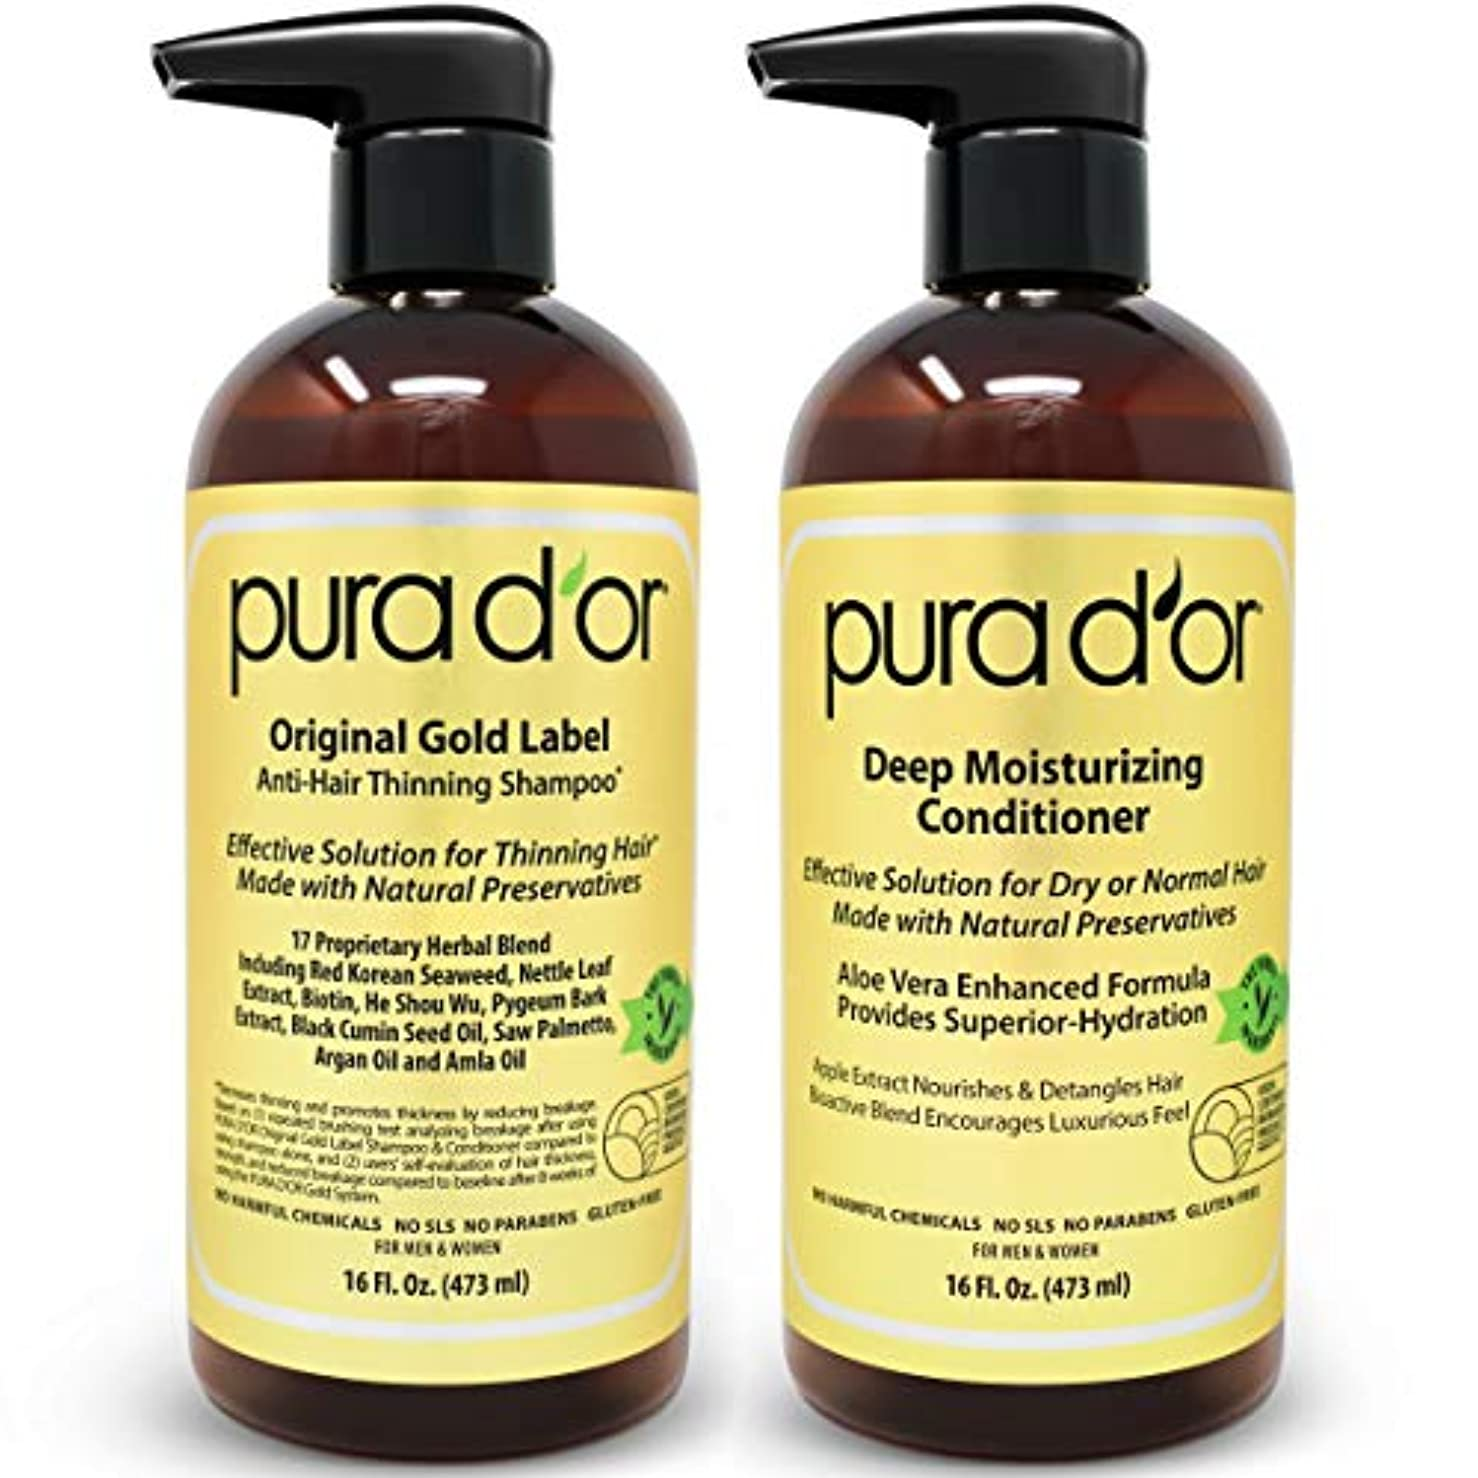 治療お祝いジャンピングジャックPURA D'OR オリジナル ゴールド ラベル 薄毛予防用 -臨床実験済み -アルガンオイル、ビオチン、天然原料、硫酸系化合物不使用、全髪タイプに、男性&女性用(パッケージは異なる場合があります) シャンプー&コンディショナー